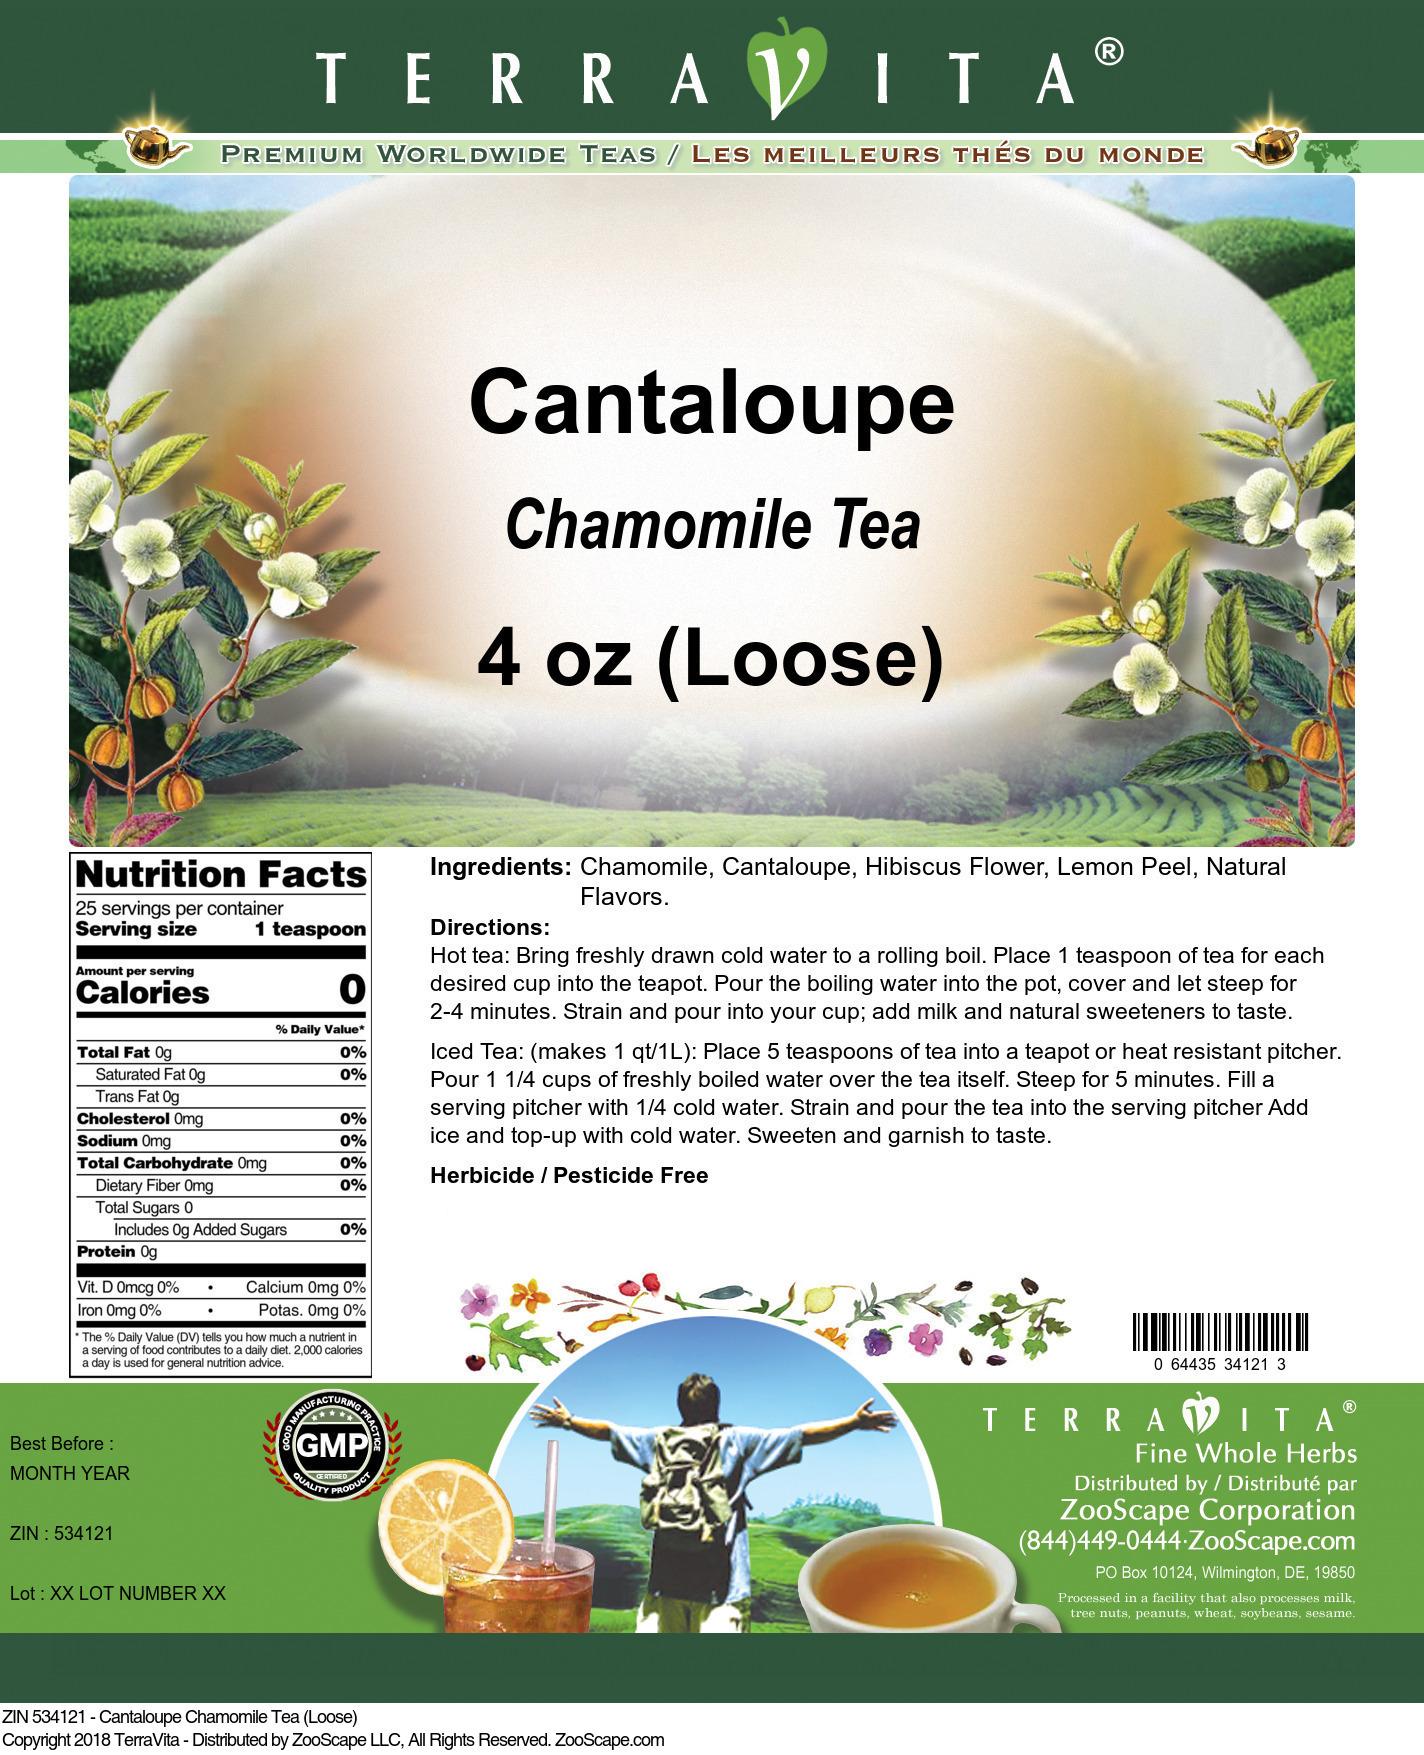 Cantaloupe Chamomile Tea (Loose)